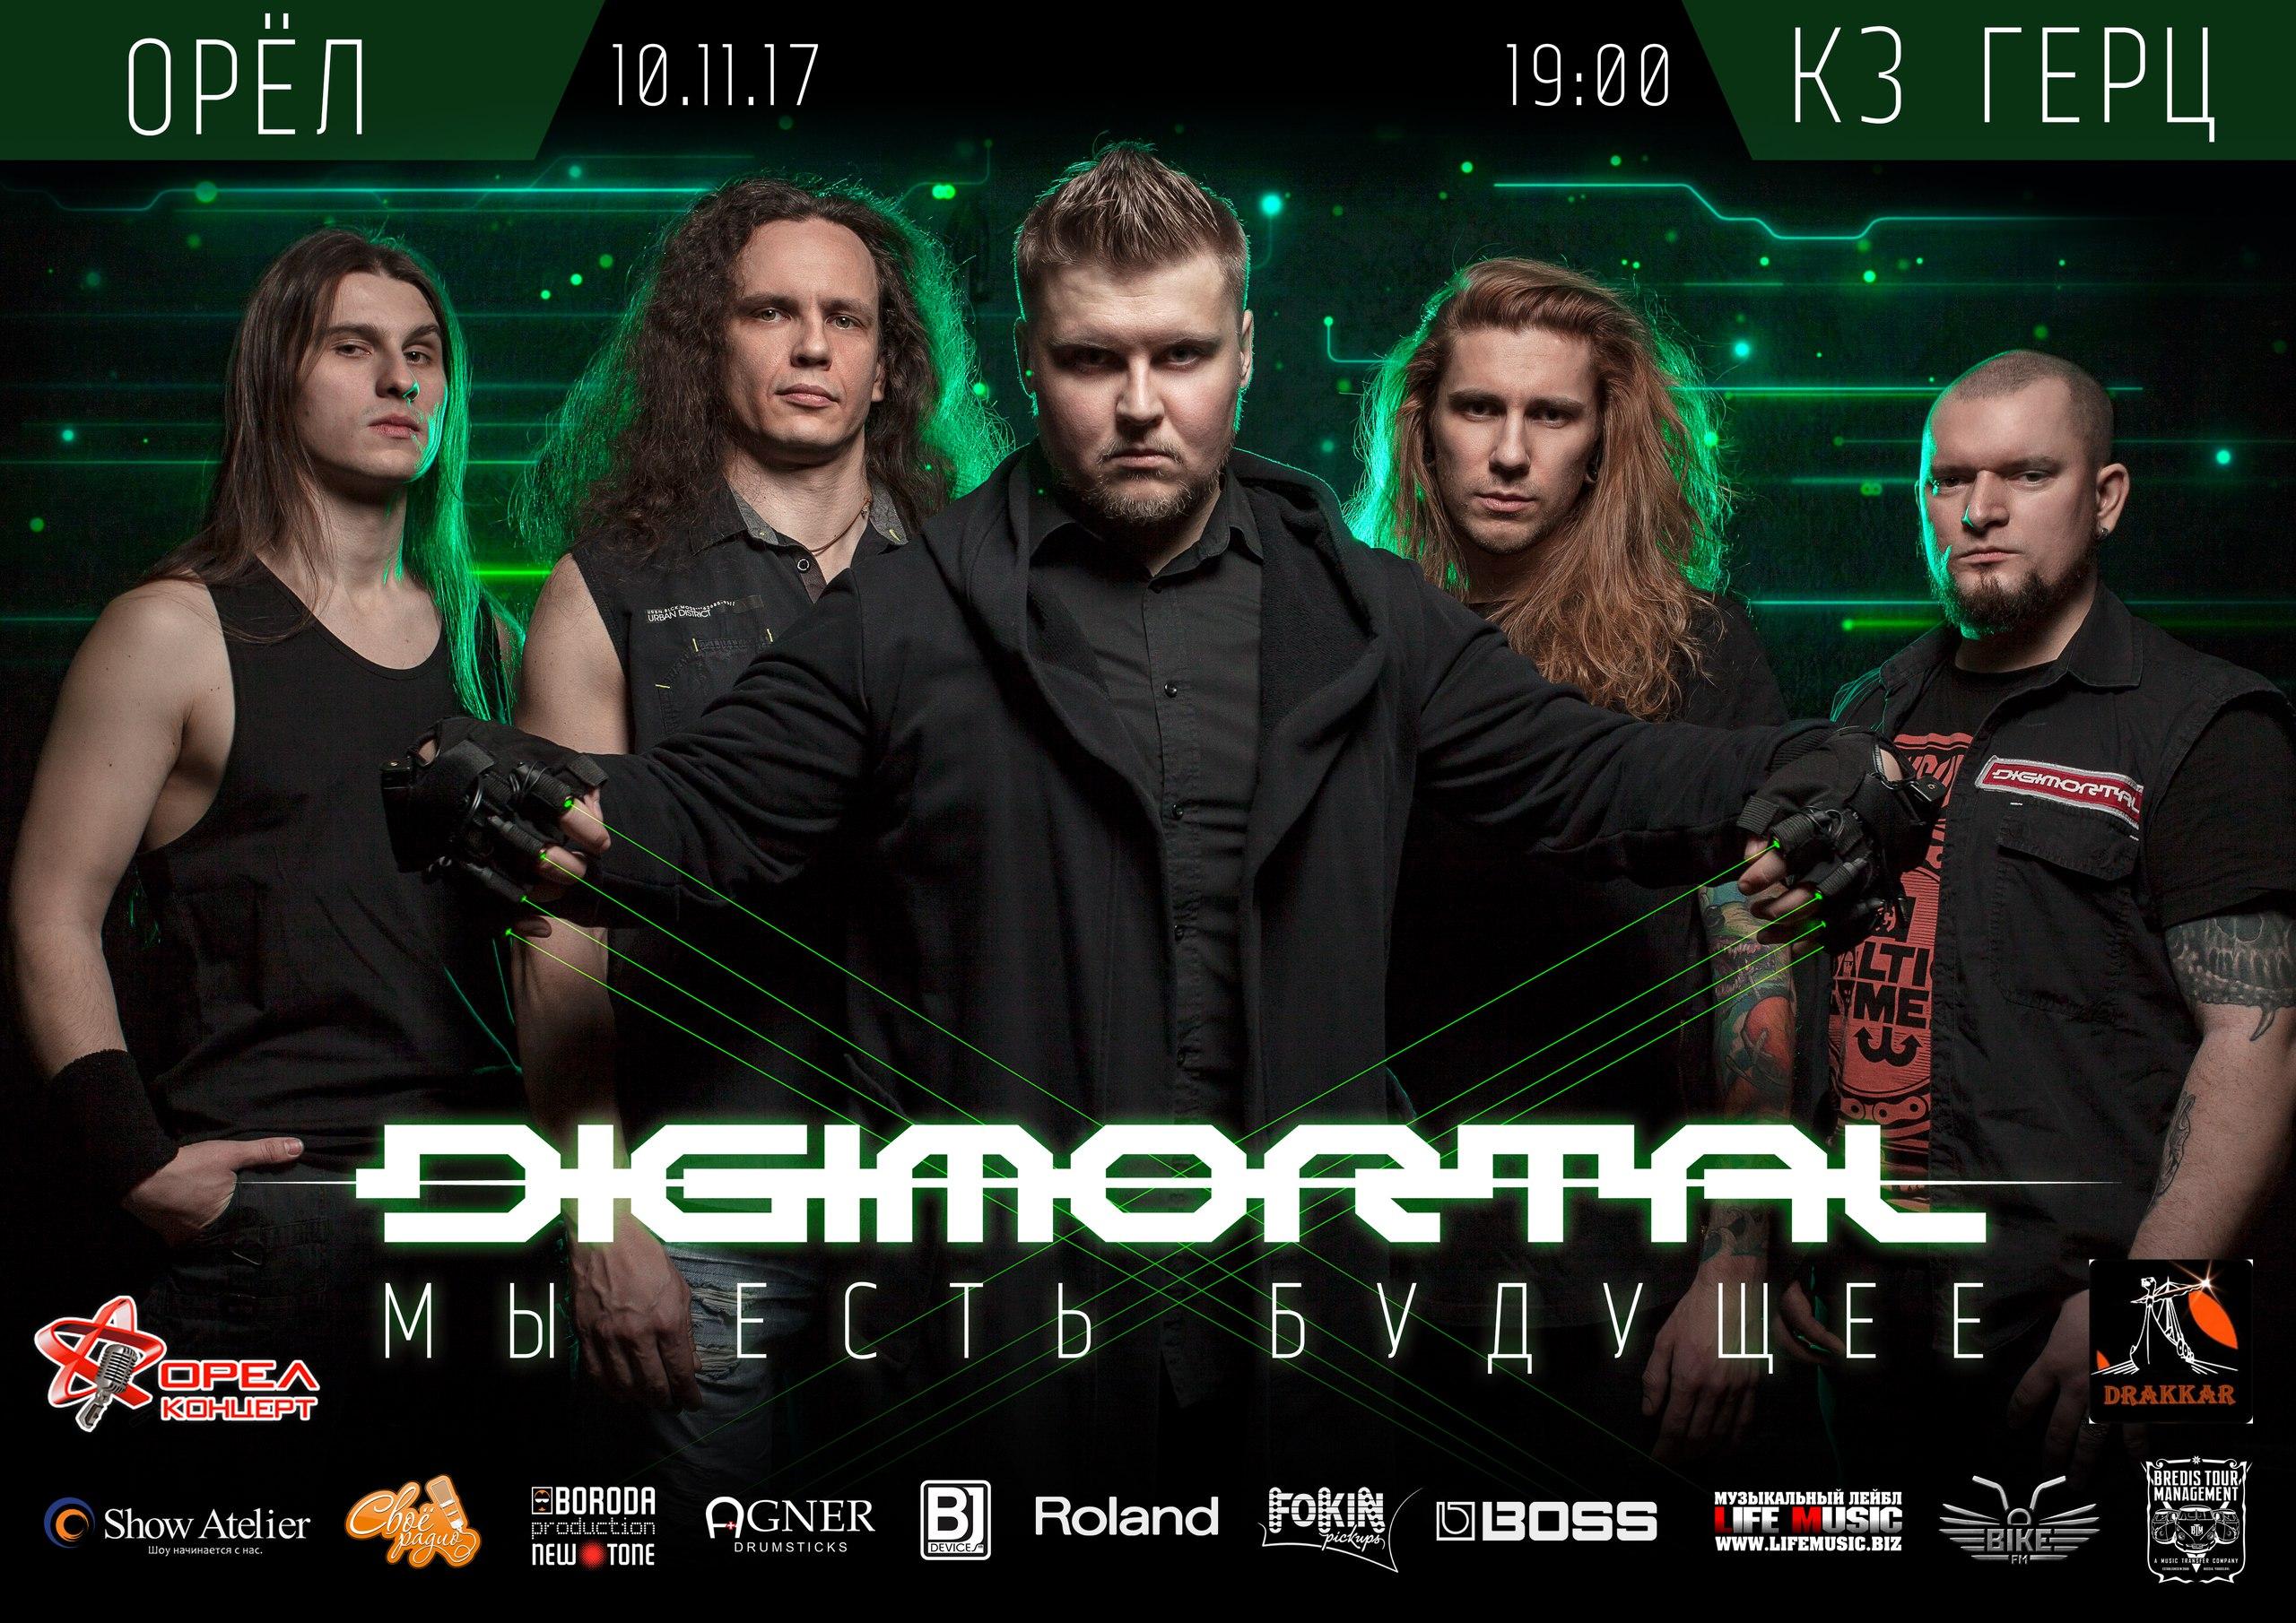 Digimortal «Мы есть будущее»